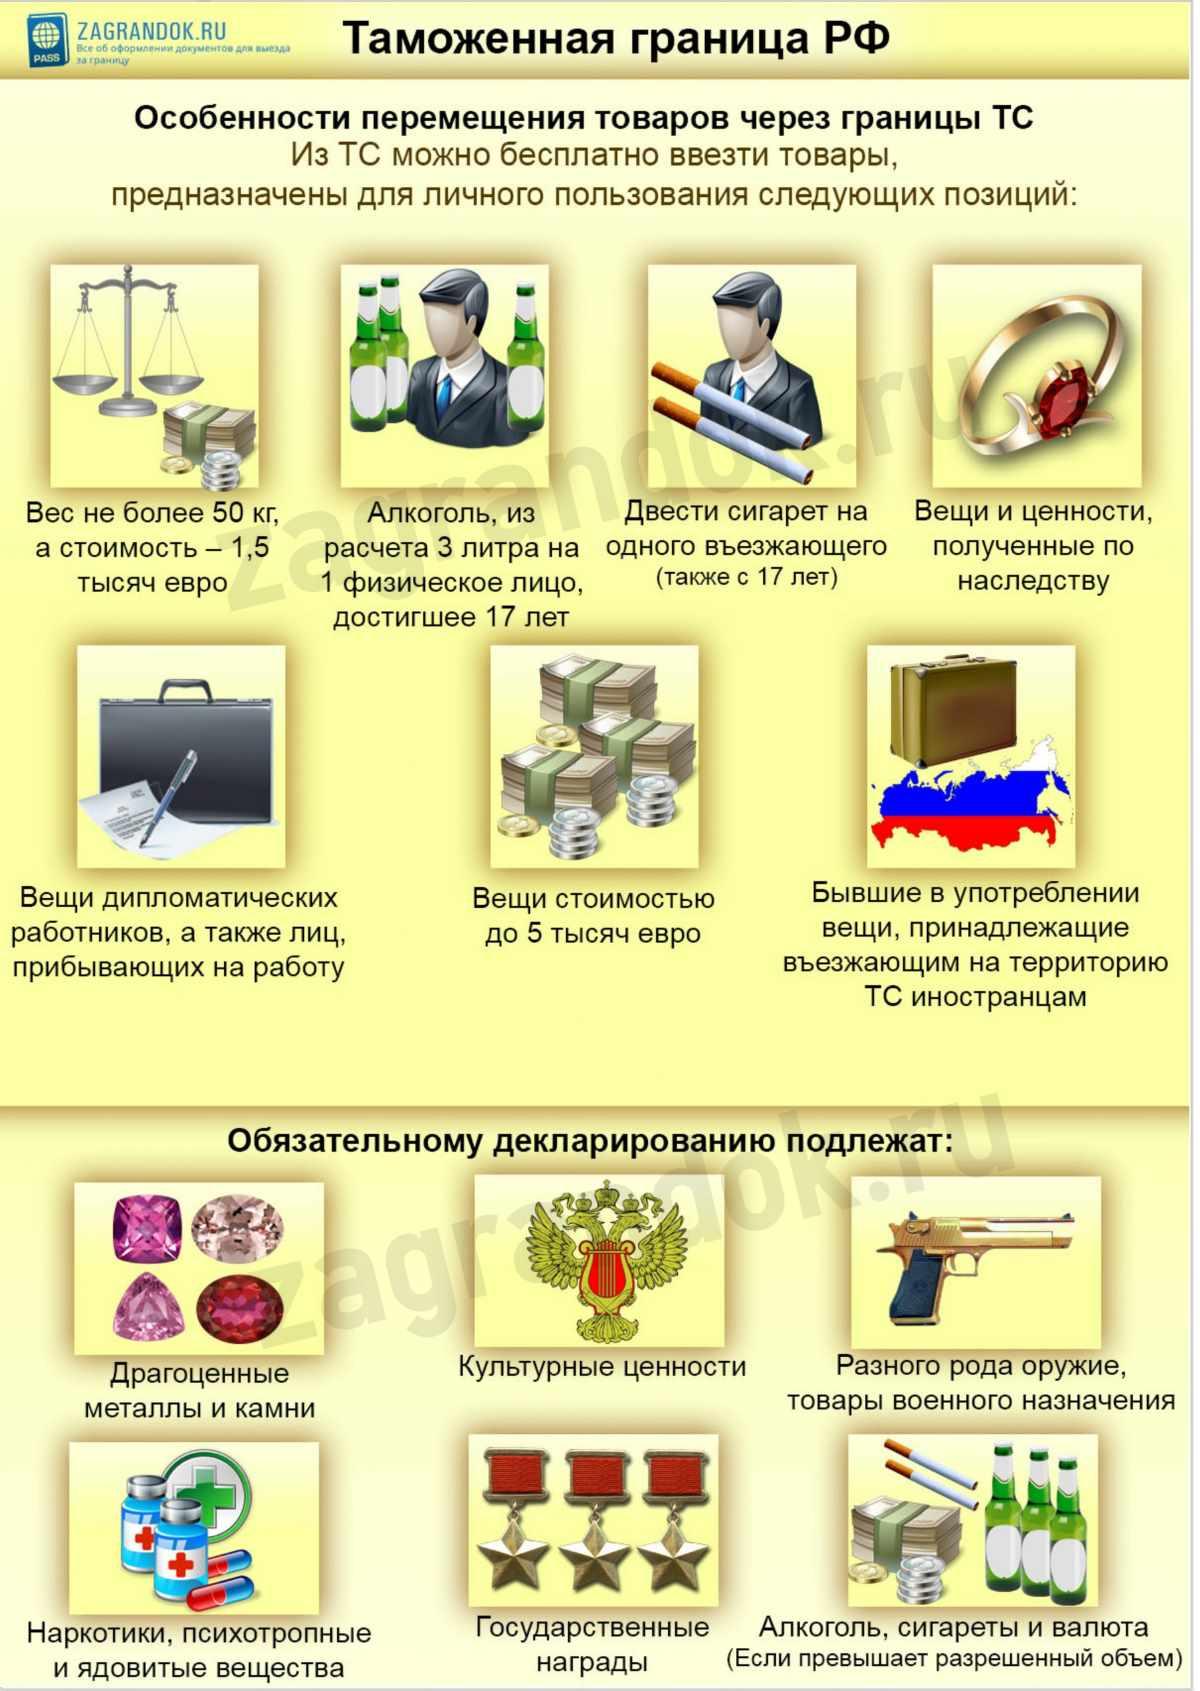 Таможенная граница РФ